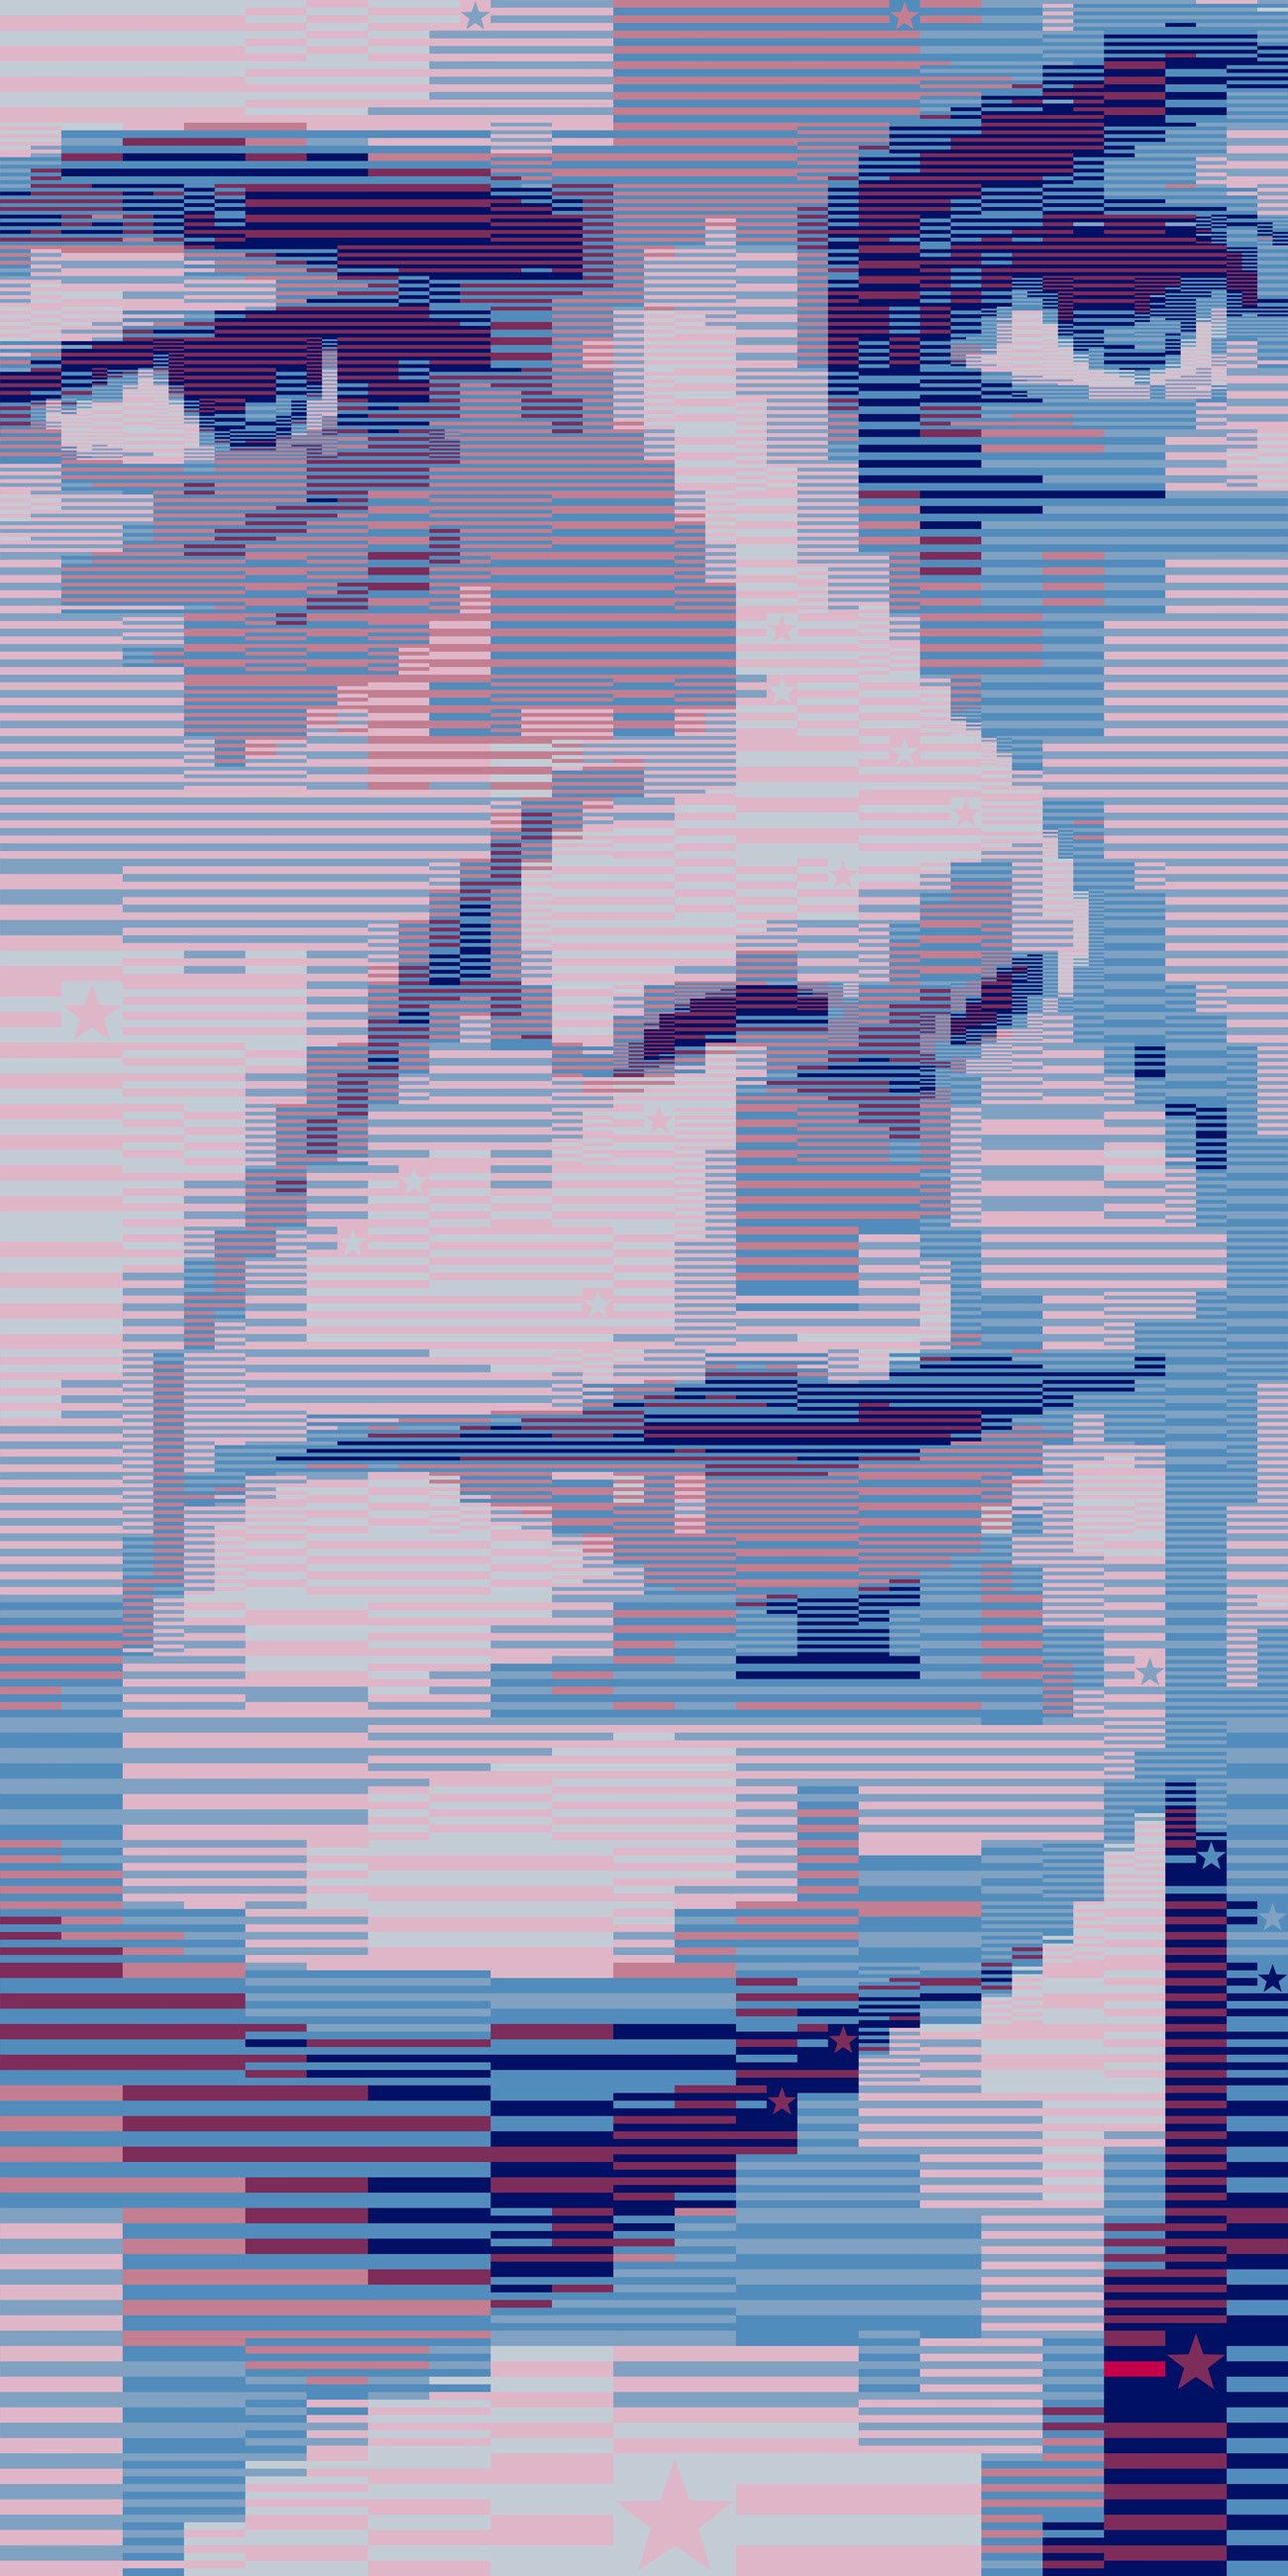 Pete Buttigieg 2020A series of mosaic political artworks created 1300x2600